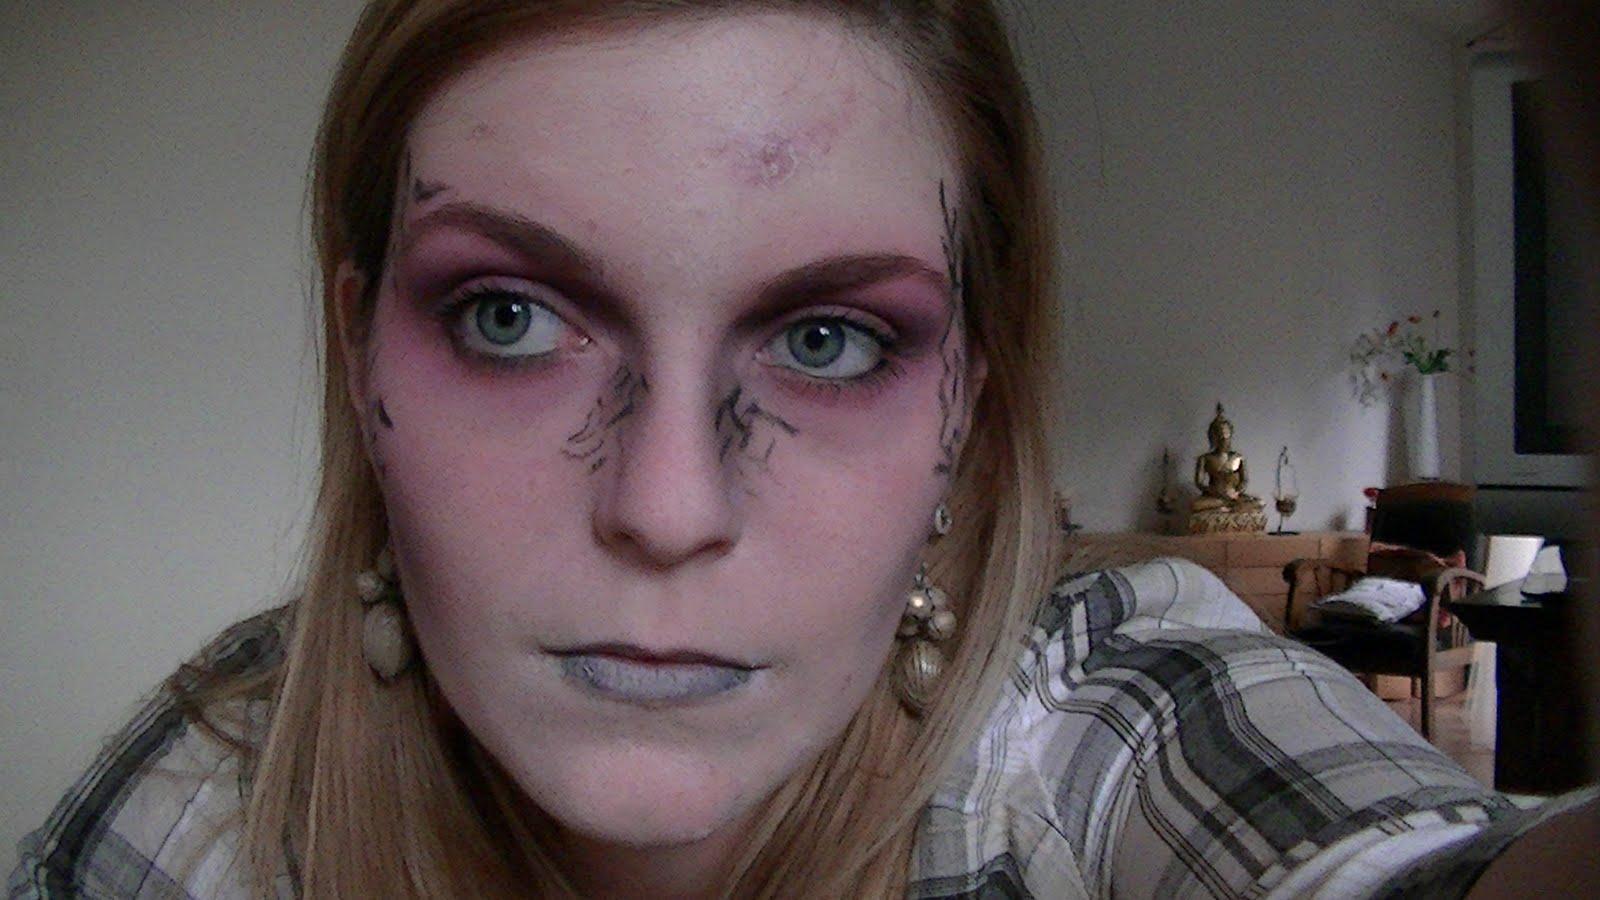 Beaut rat e vid o maquillage d 39 halloween zombie chic - Video maquillage halloween ...